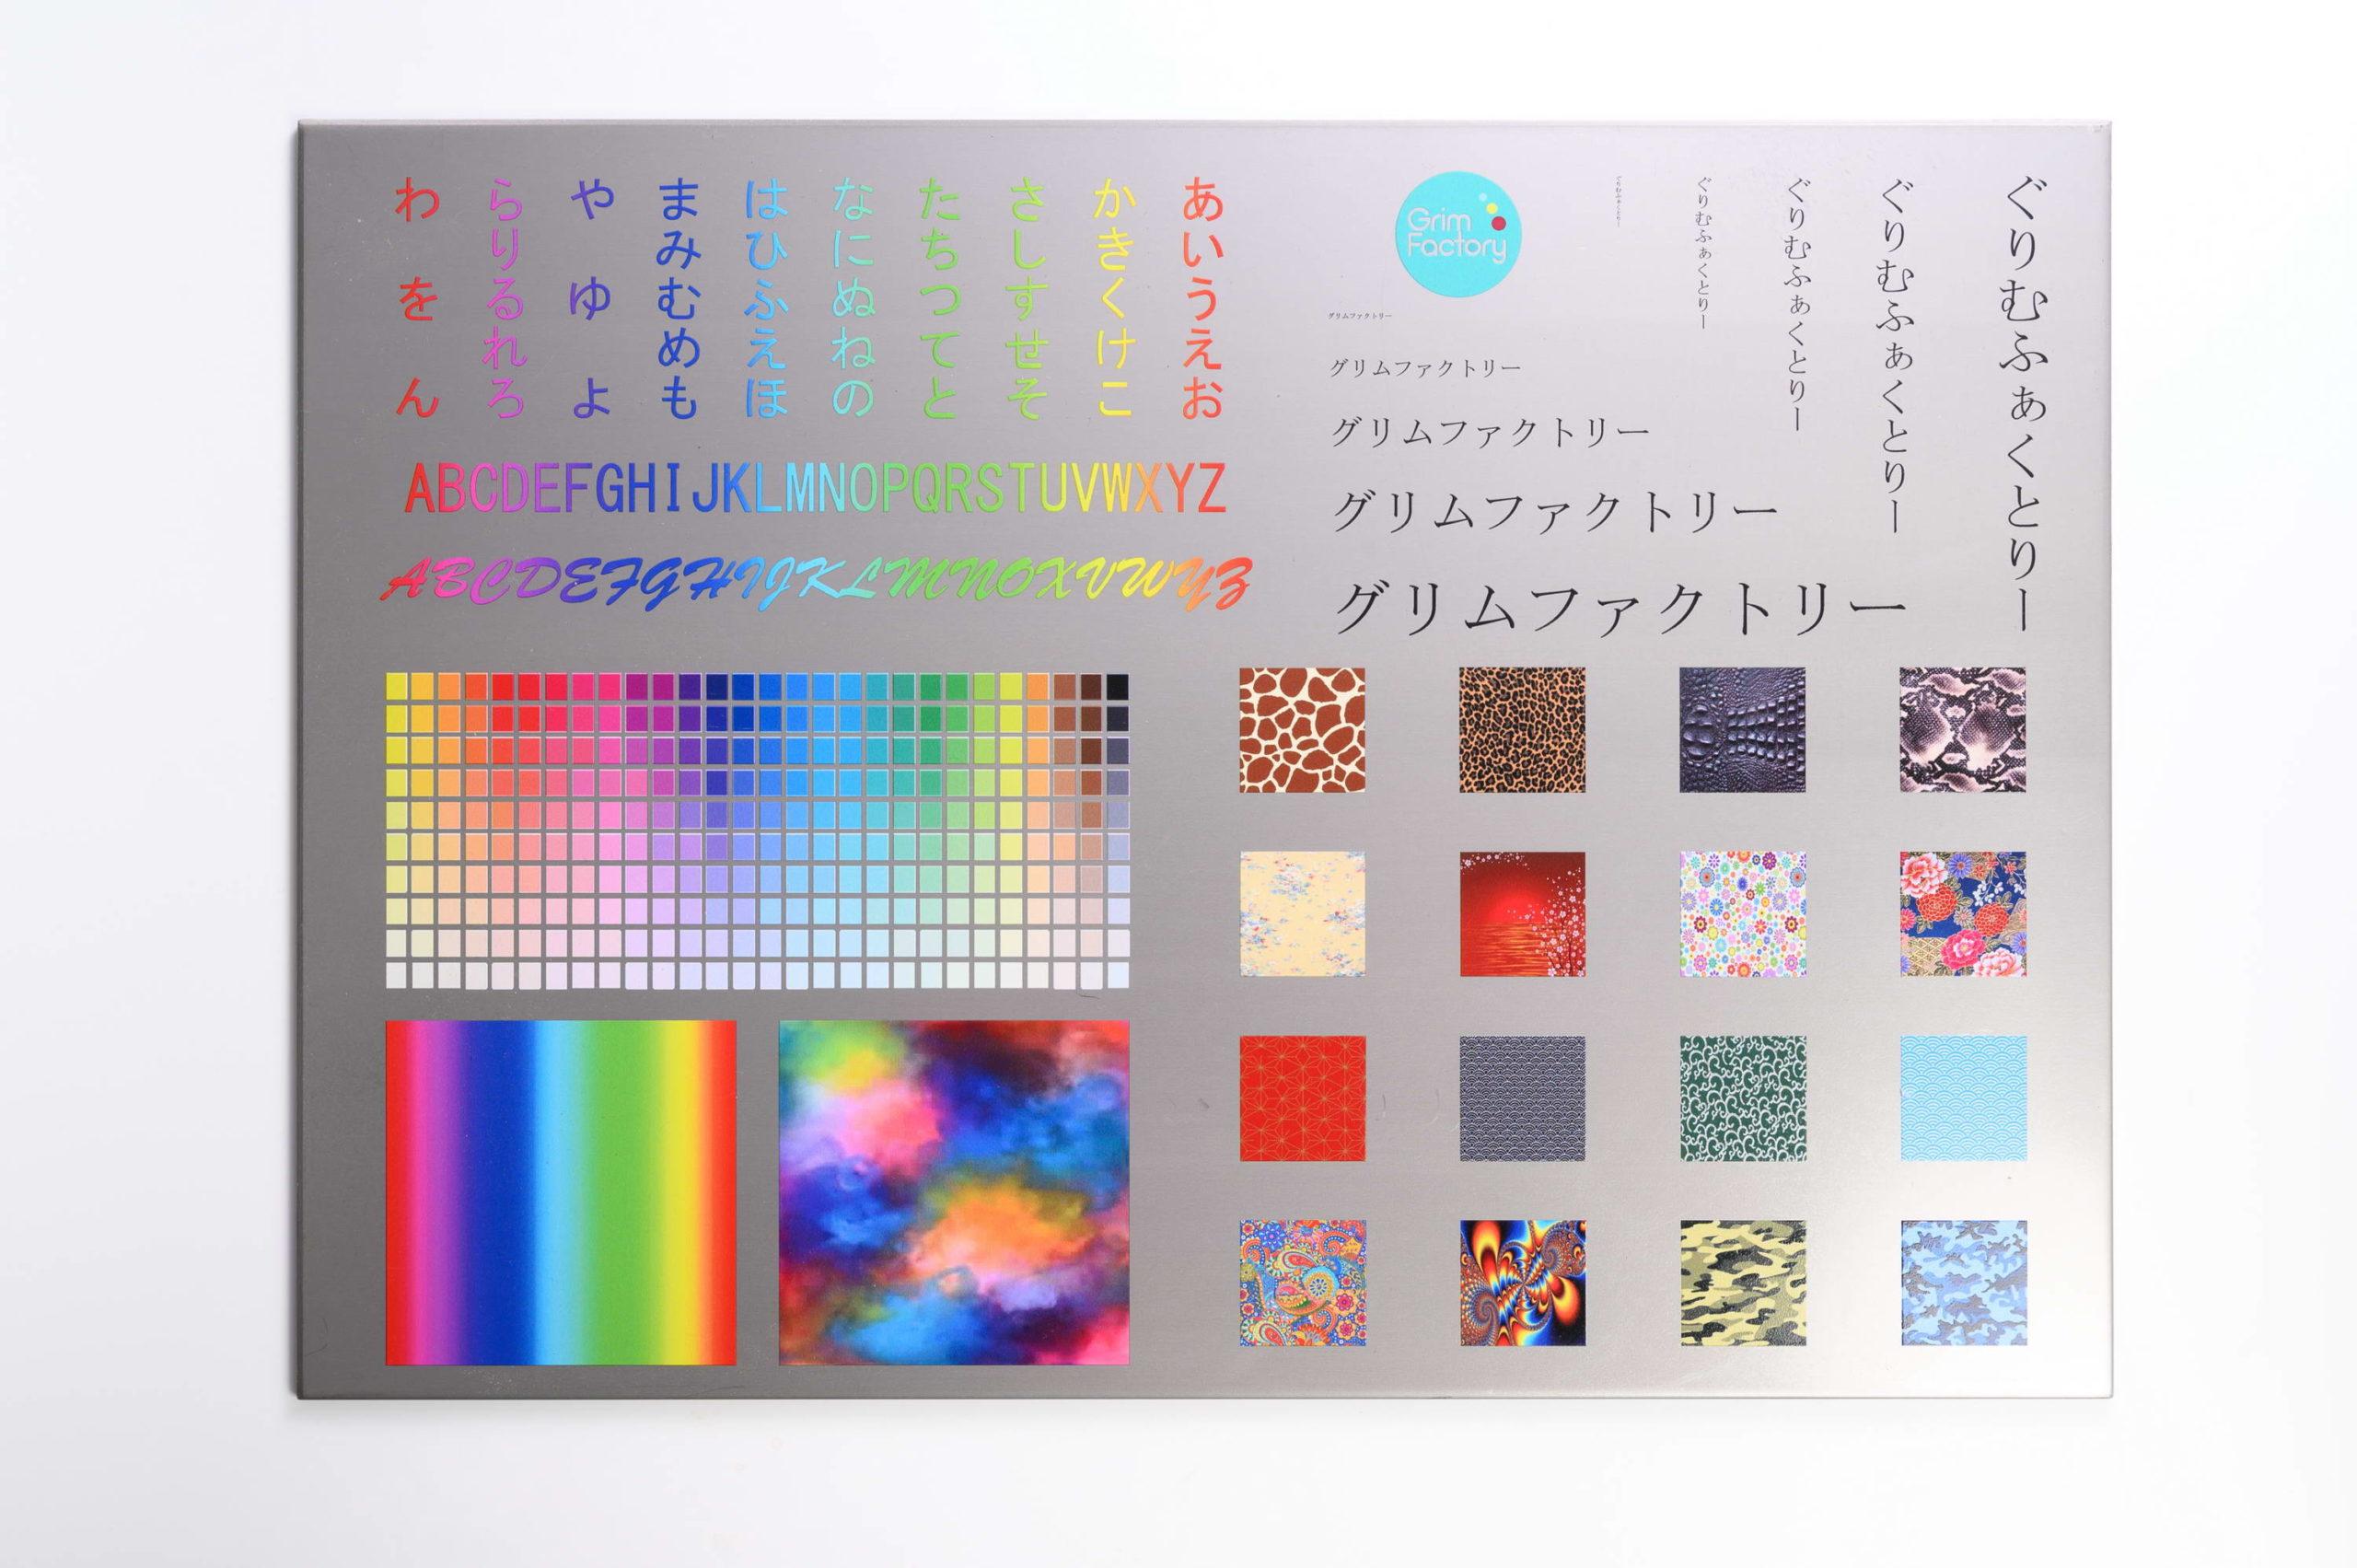 試験塗装・試験印刷